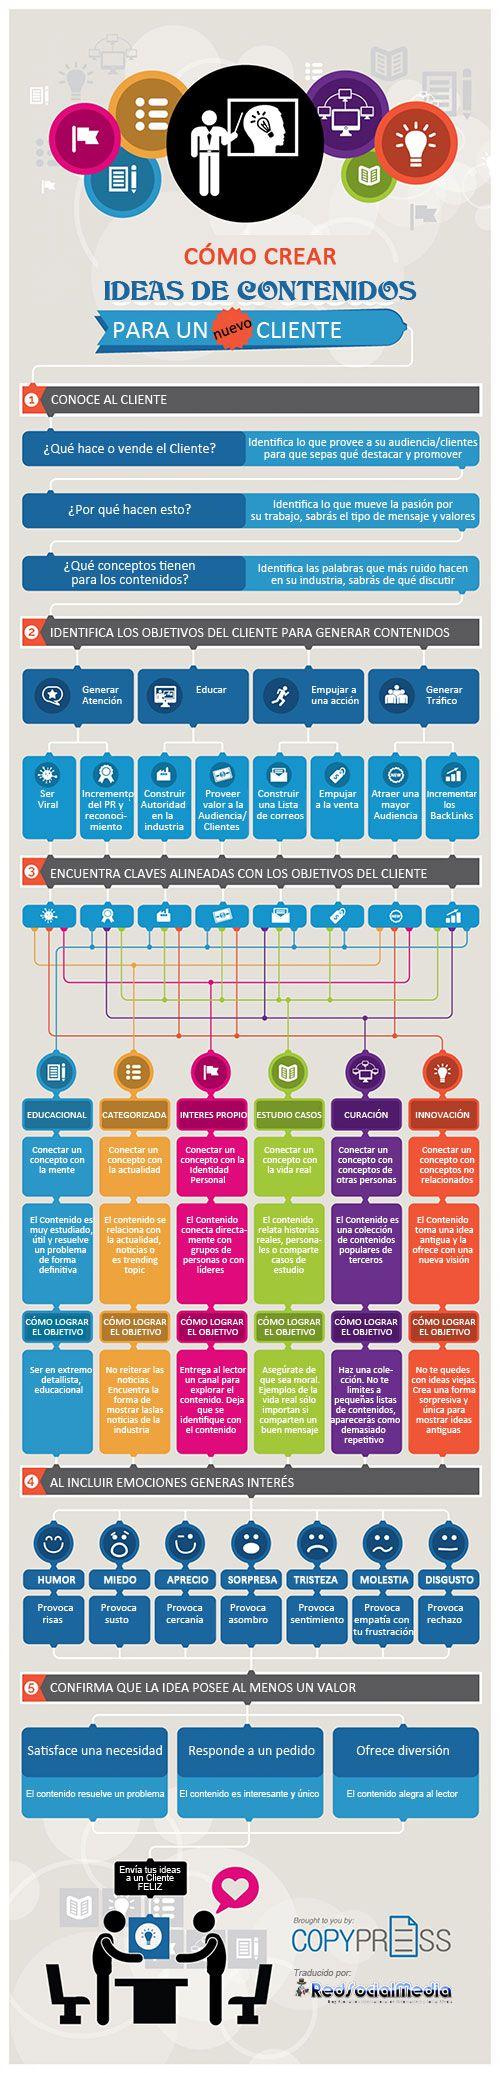 Cómo crear ideas de Contenidos para un cliente. Infografía en español. #CommunityManager